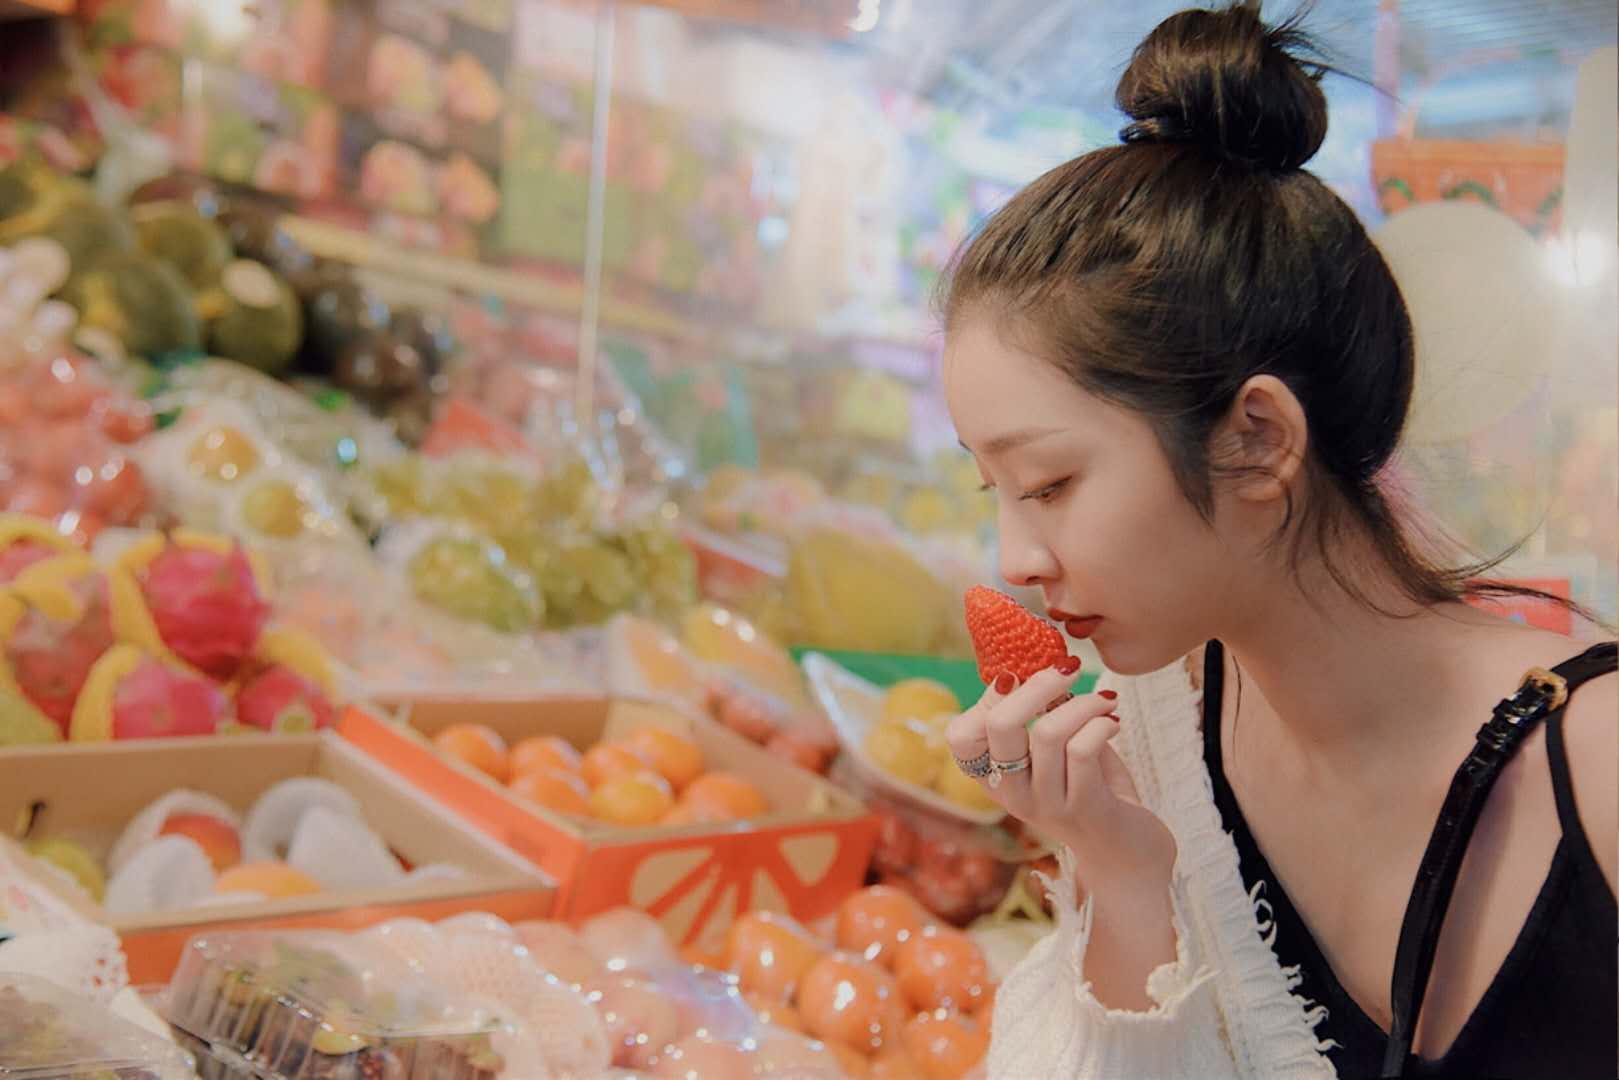 赵小棠菜市场写真轻熟妩媚  俏皮演绎夏日红唇少女